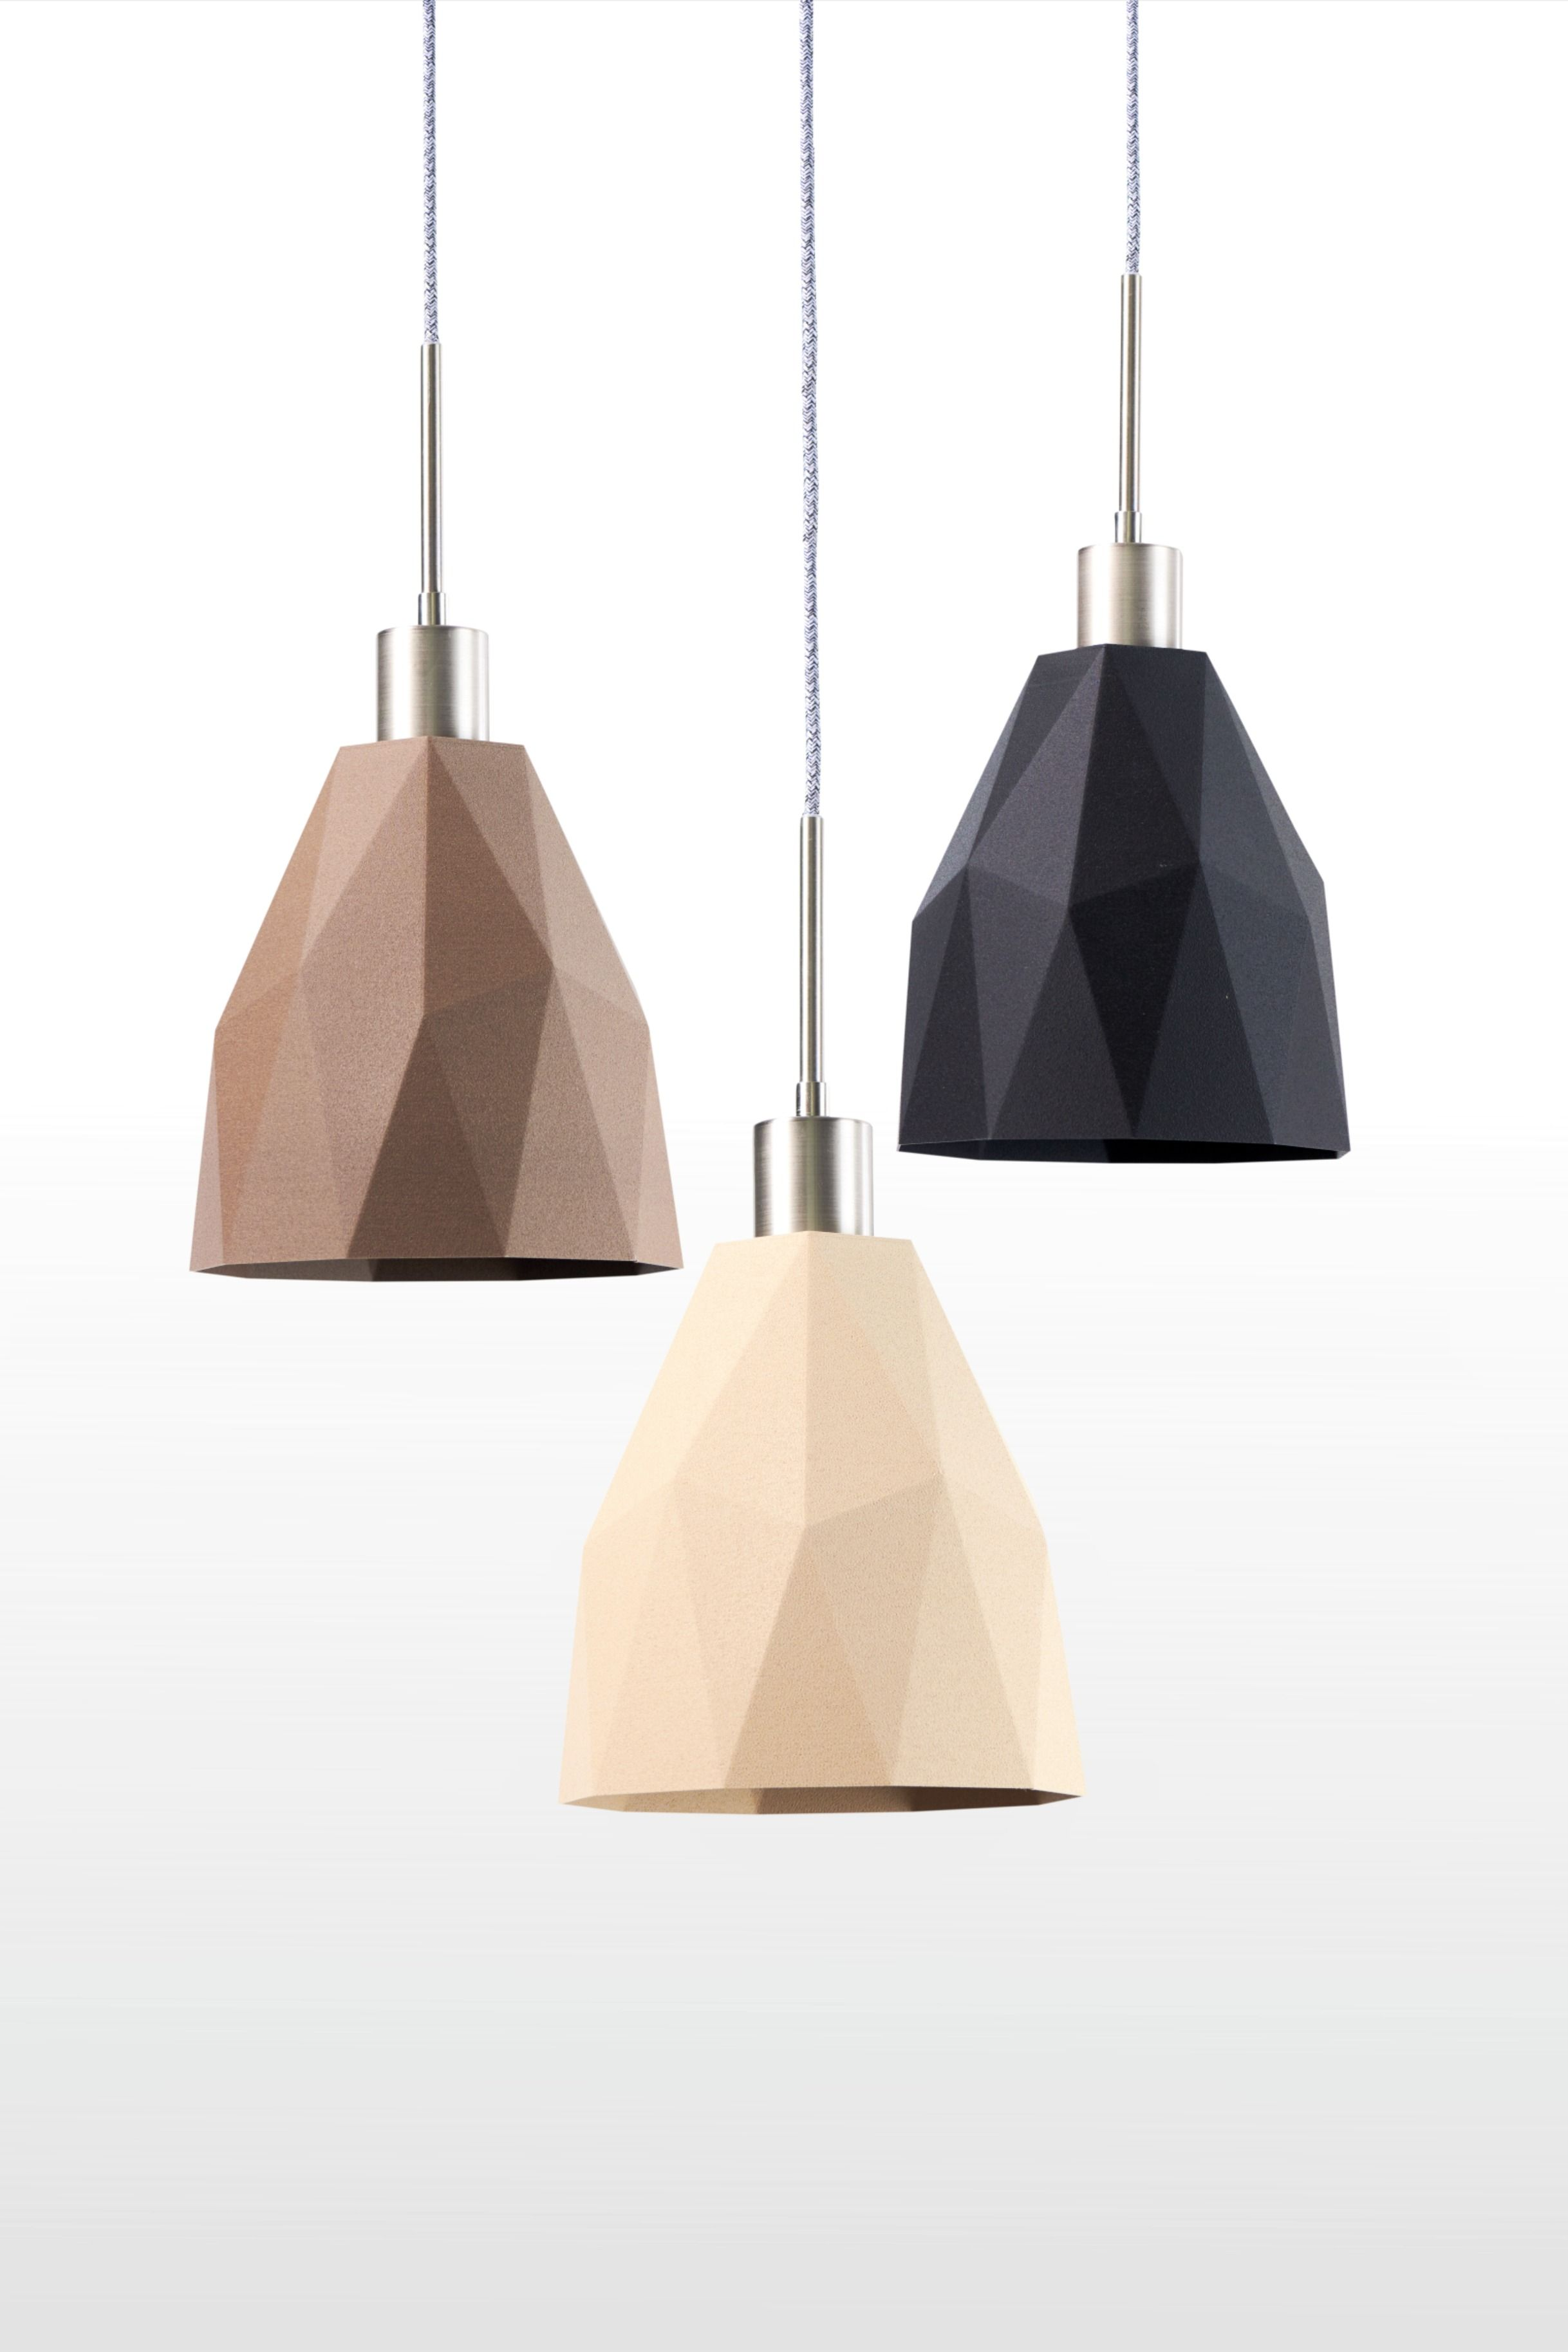 Nachhaltige Hangeleuchte Pendelleuchte Lampen Wohnzimmer Lampen